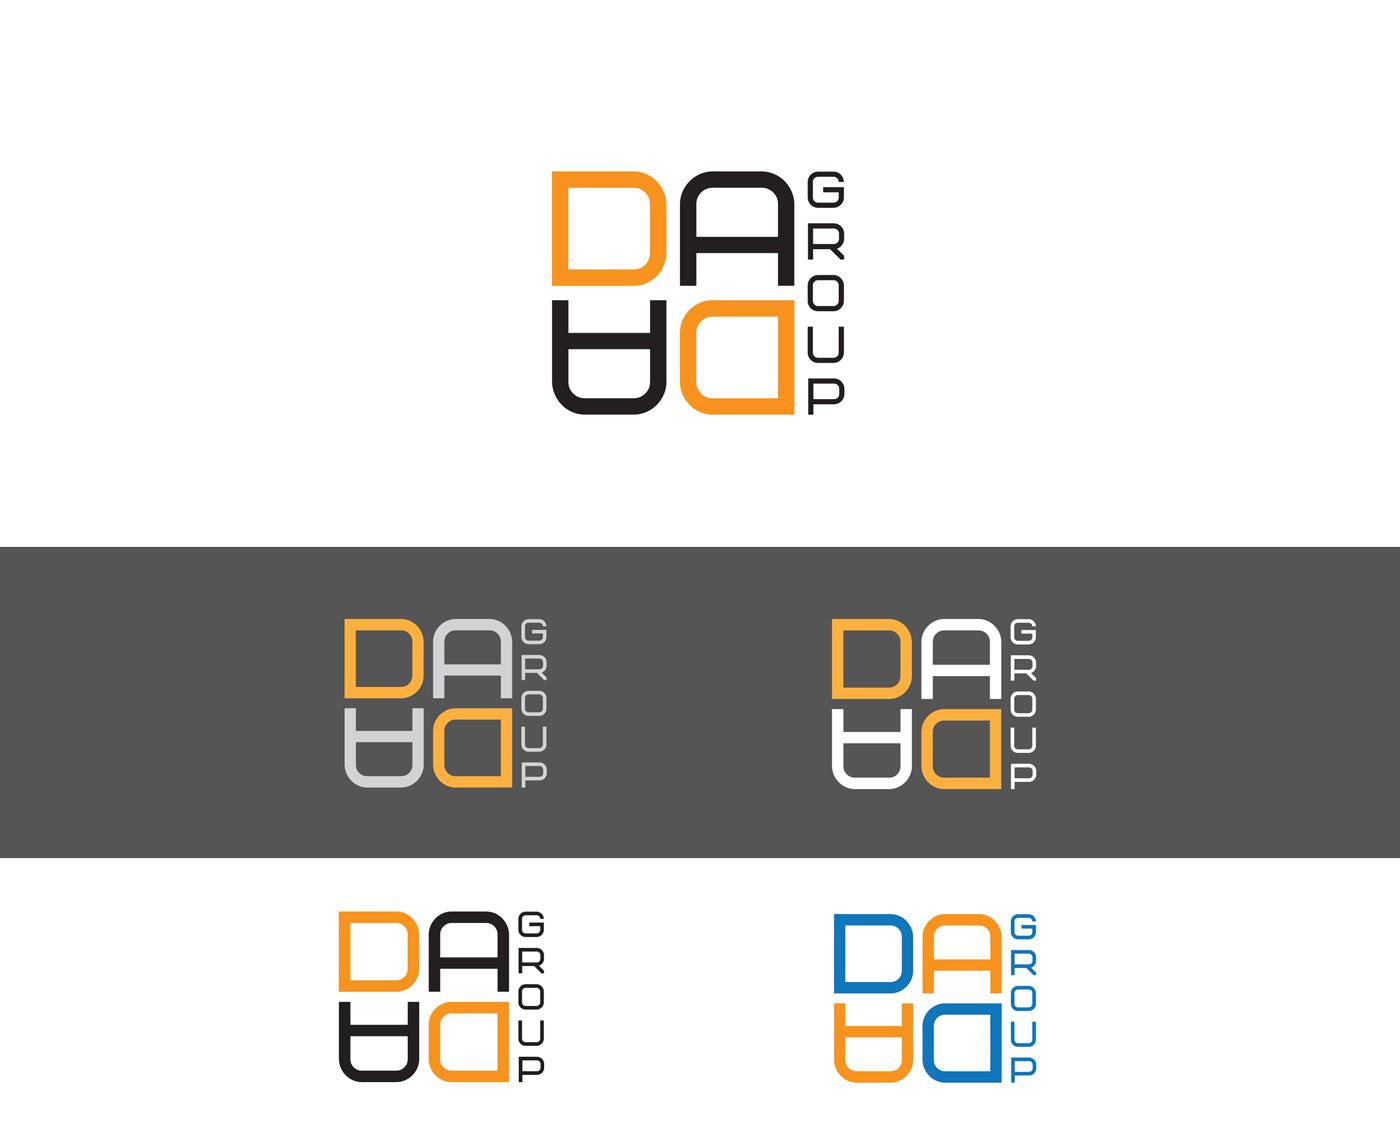 Разработка логотипа фото f_806598c866c50c5a.jpg